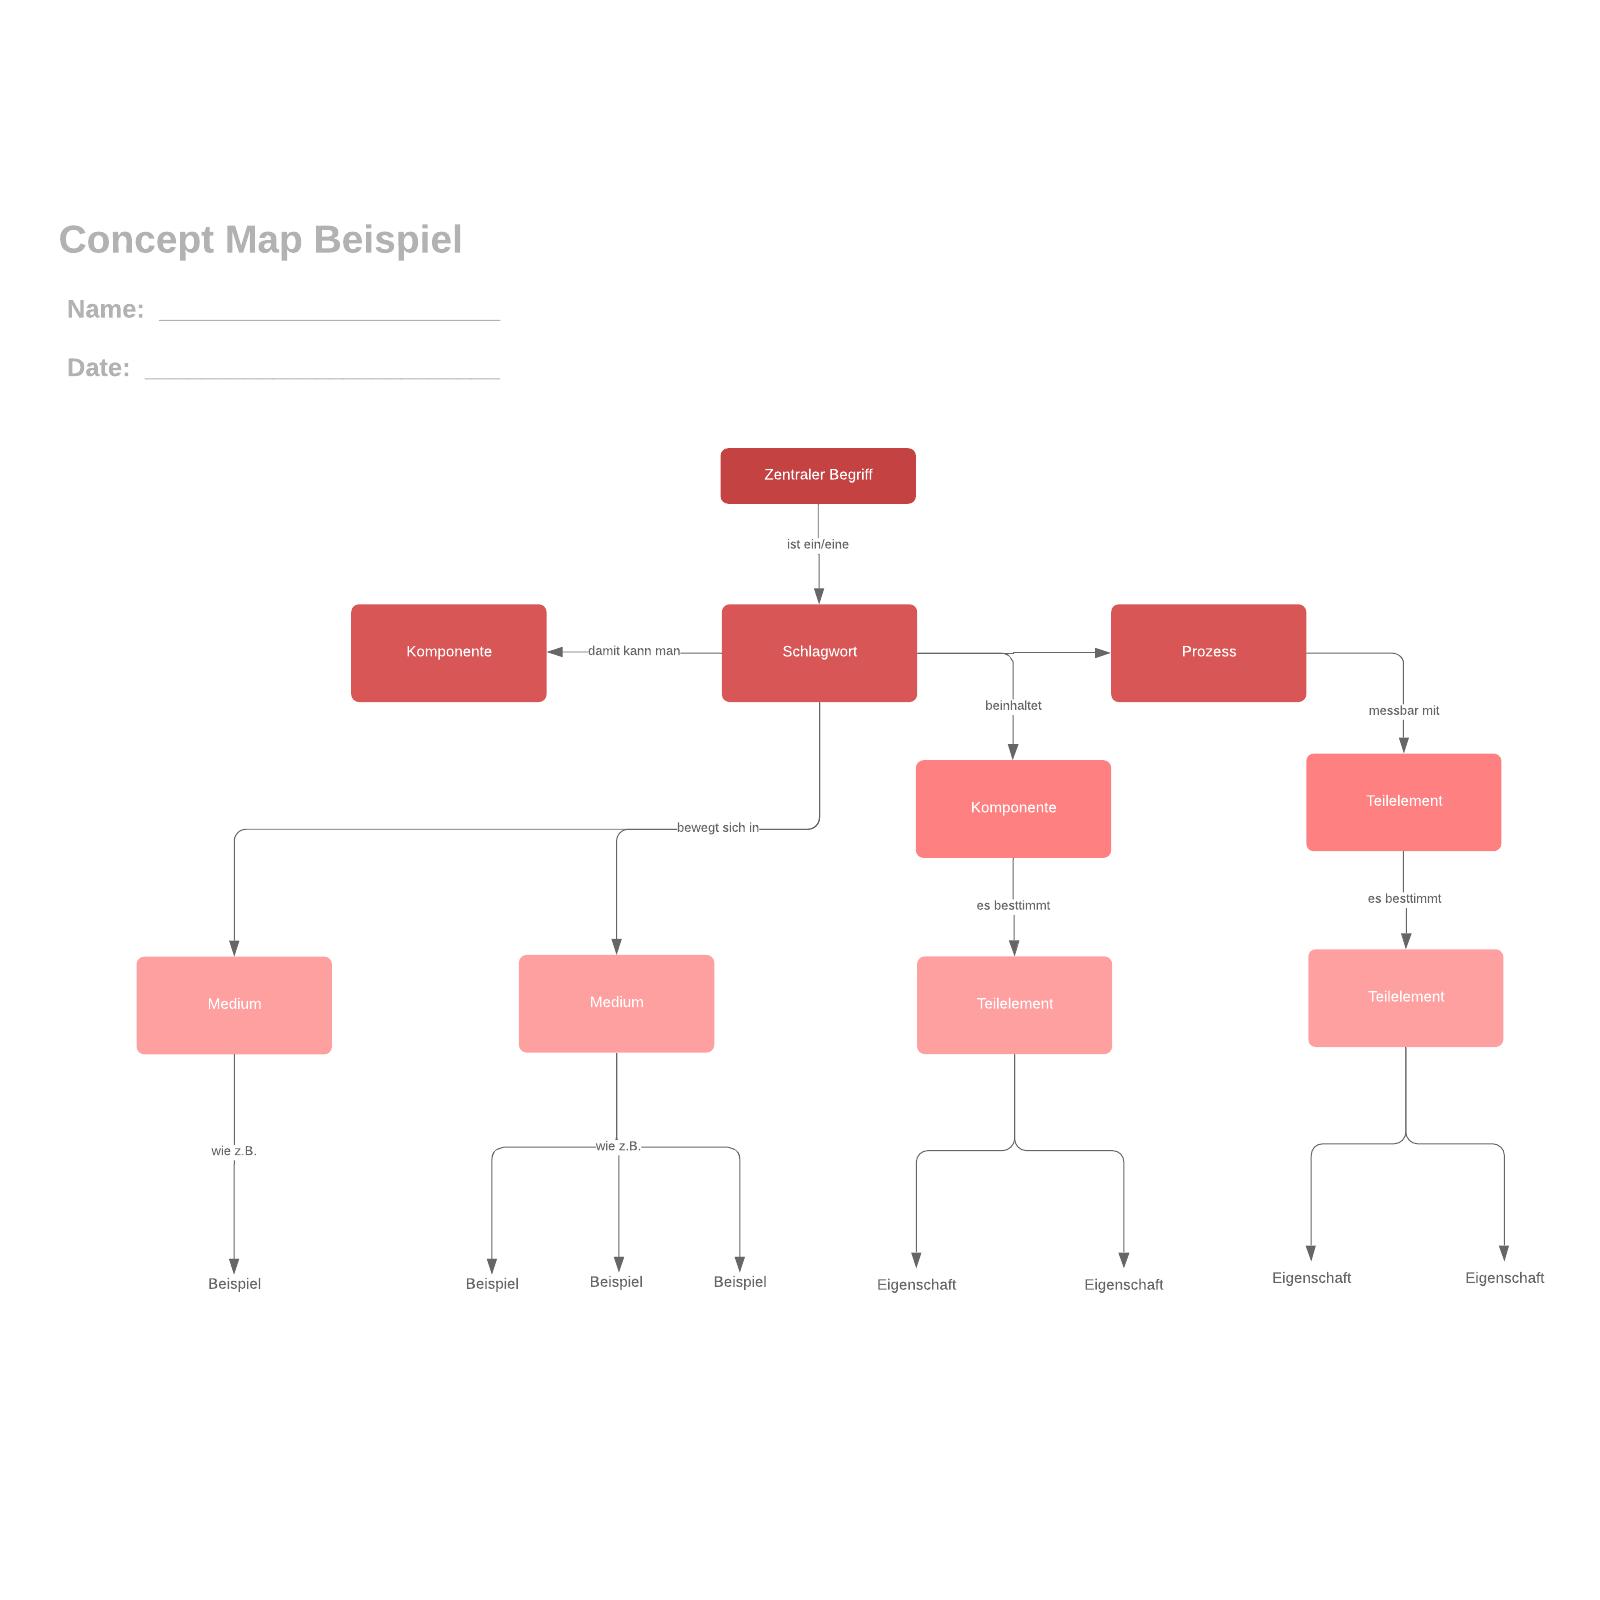 Concept Map Beispiel